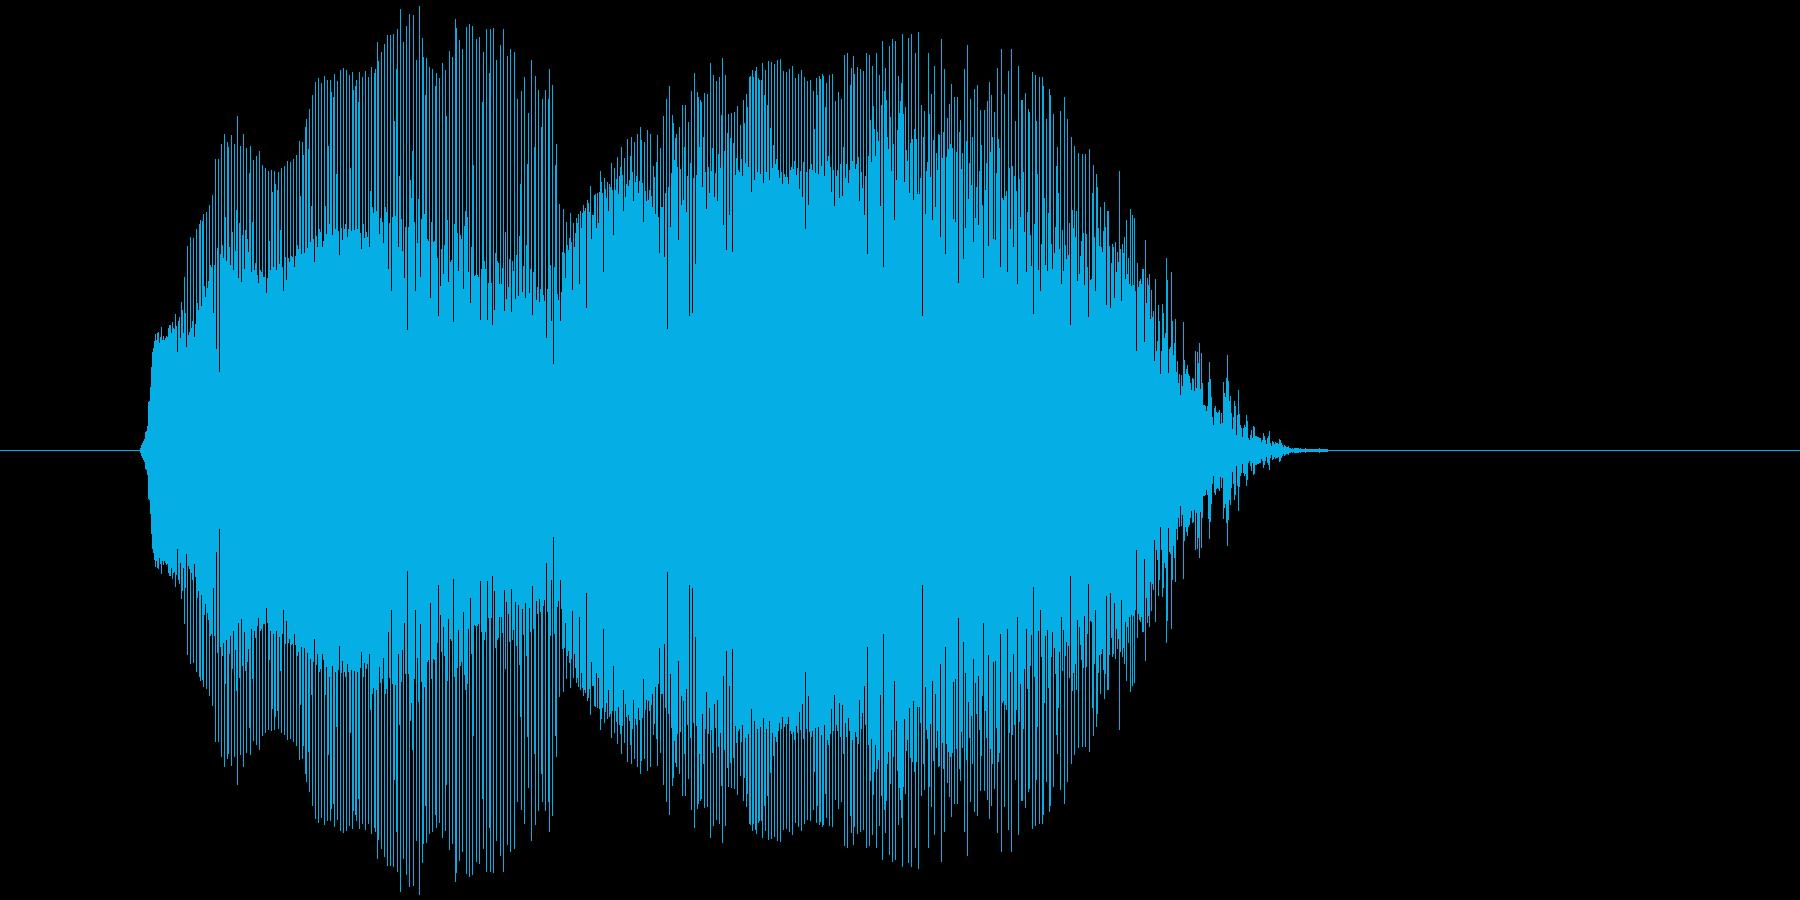 「ムニャムニャ」の再生済みの波形